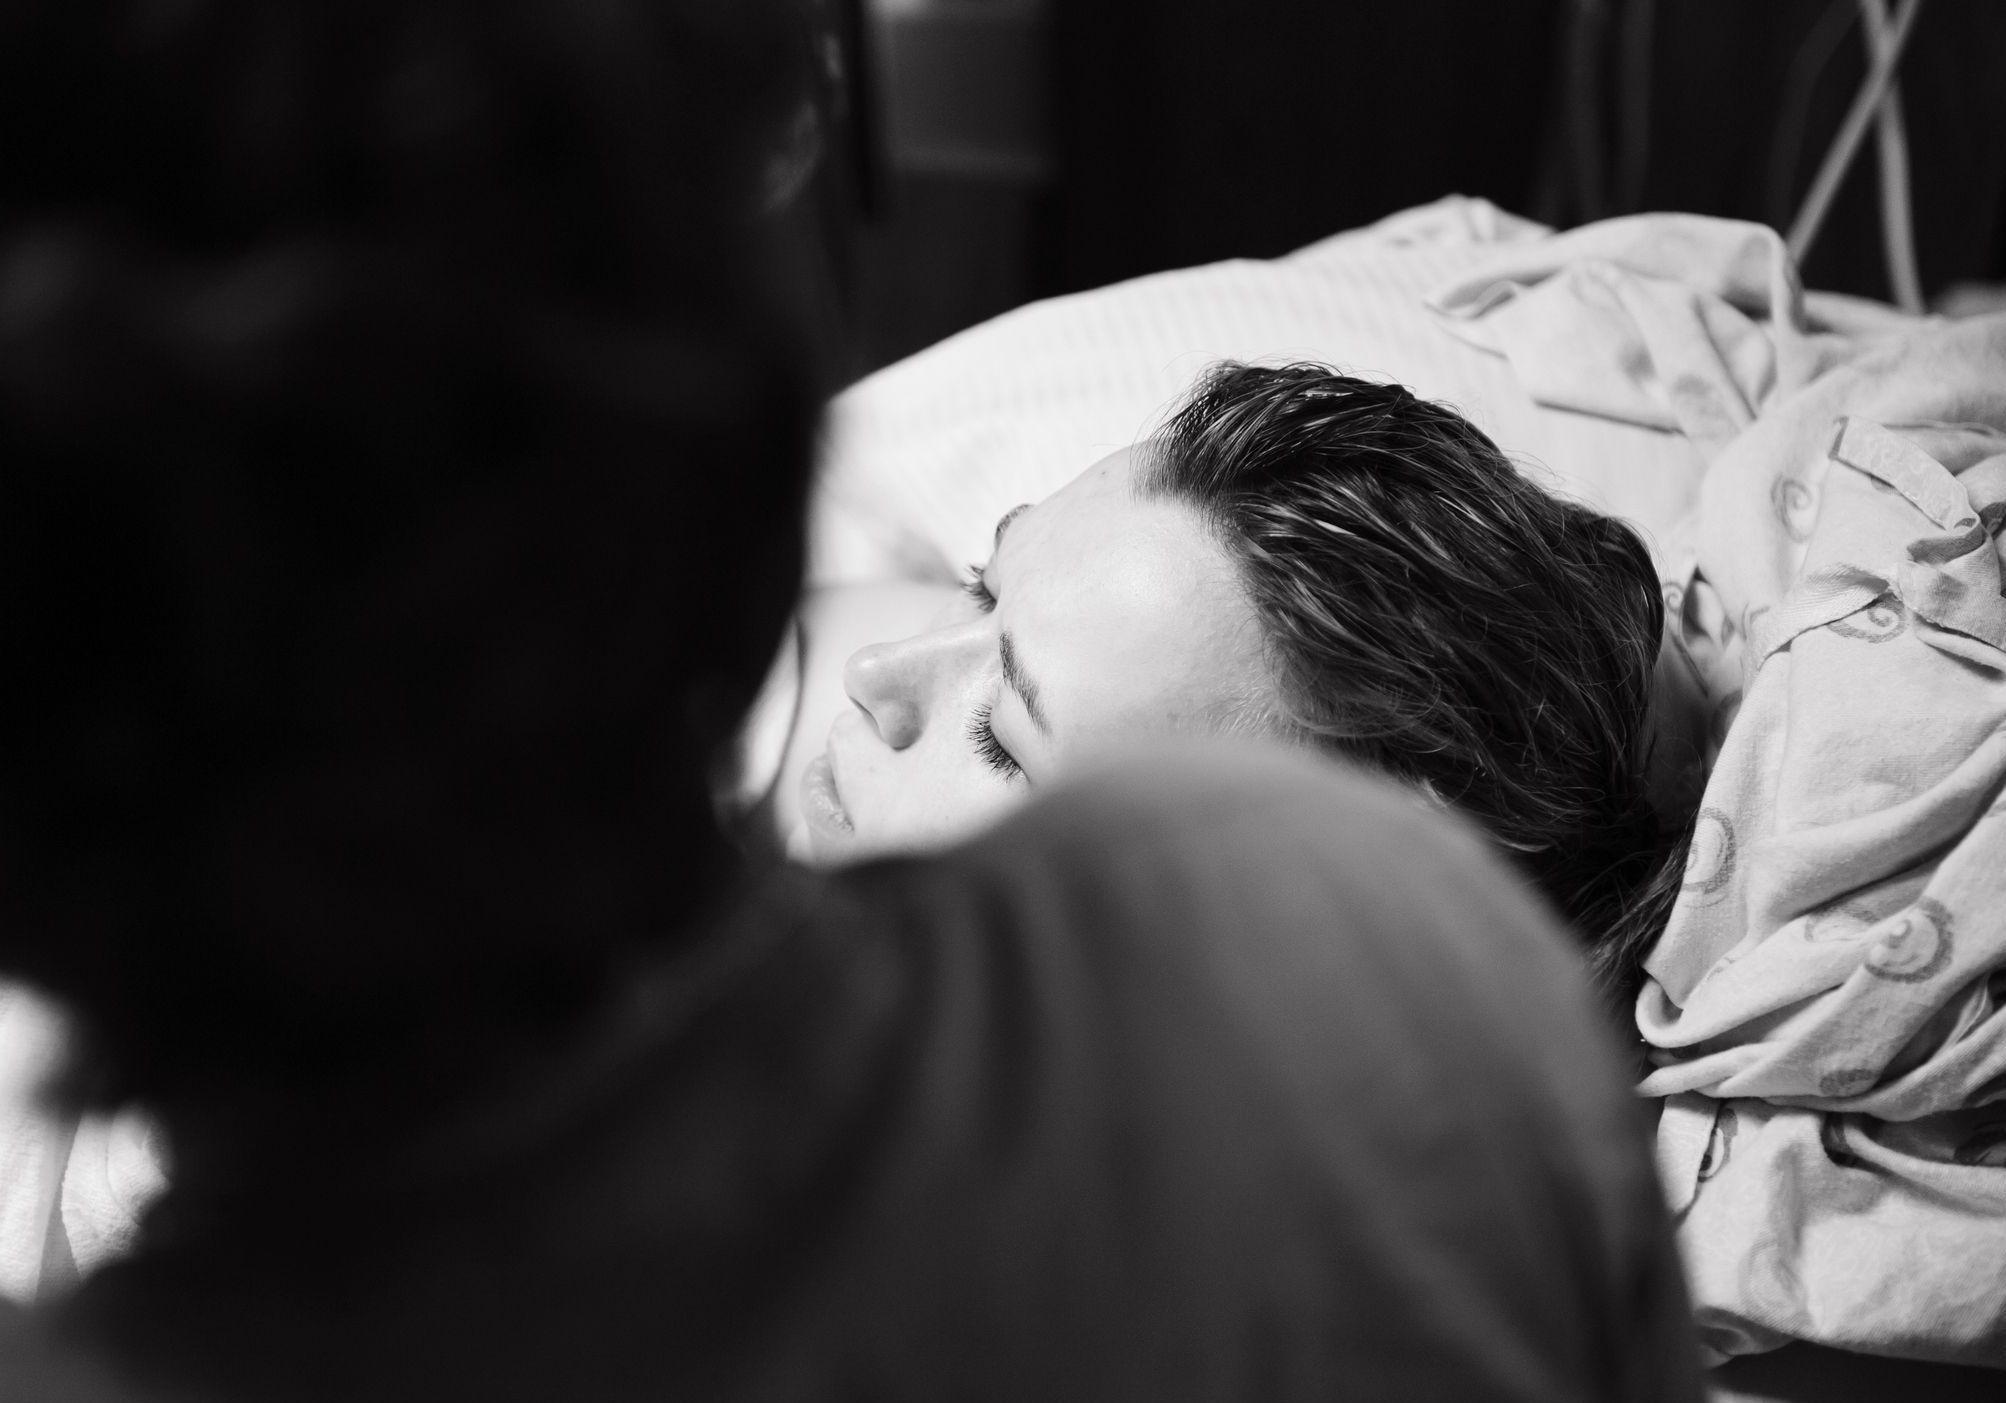 « Tu enfanteras dans la douleur » : ne ratez pas le docu d'Ovidie sur les violences obstétricales